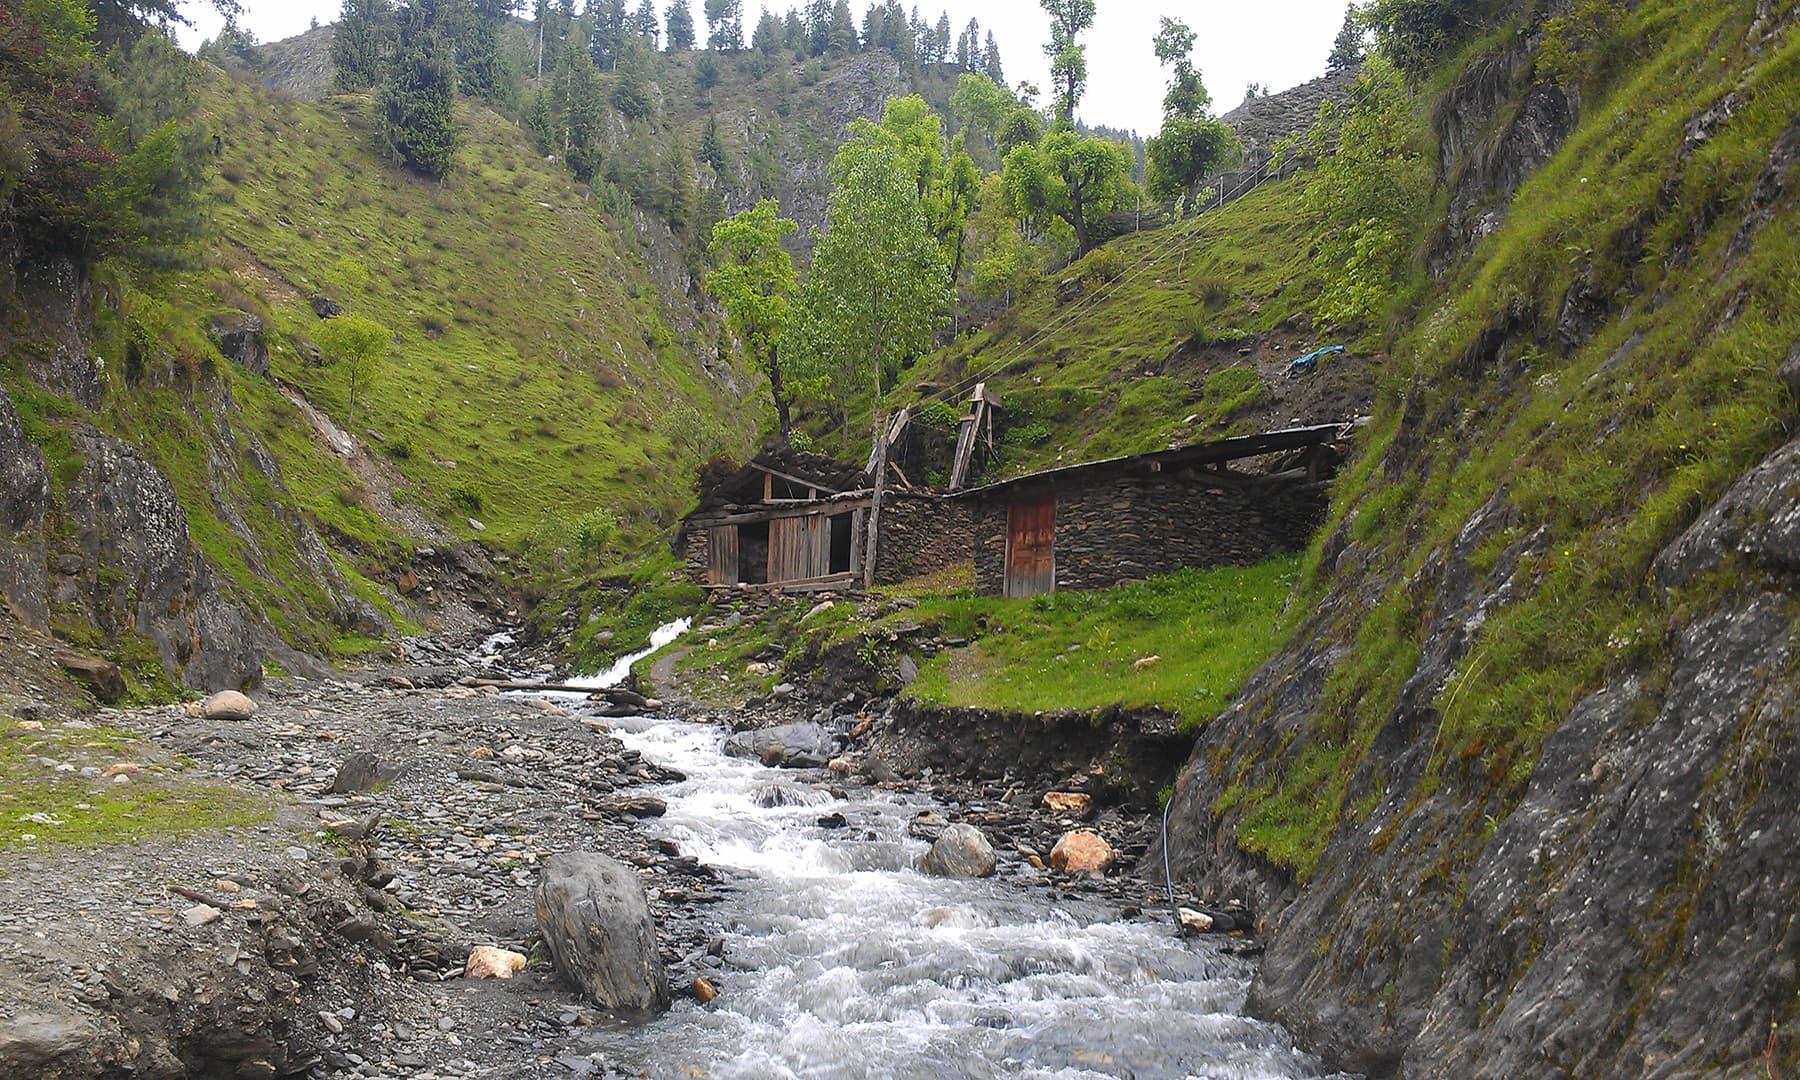 A shack next to a glacial stream.